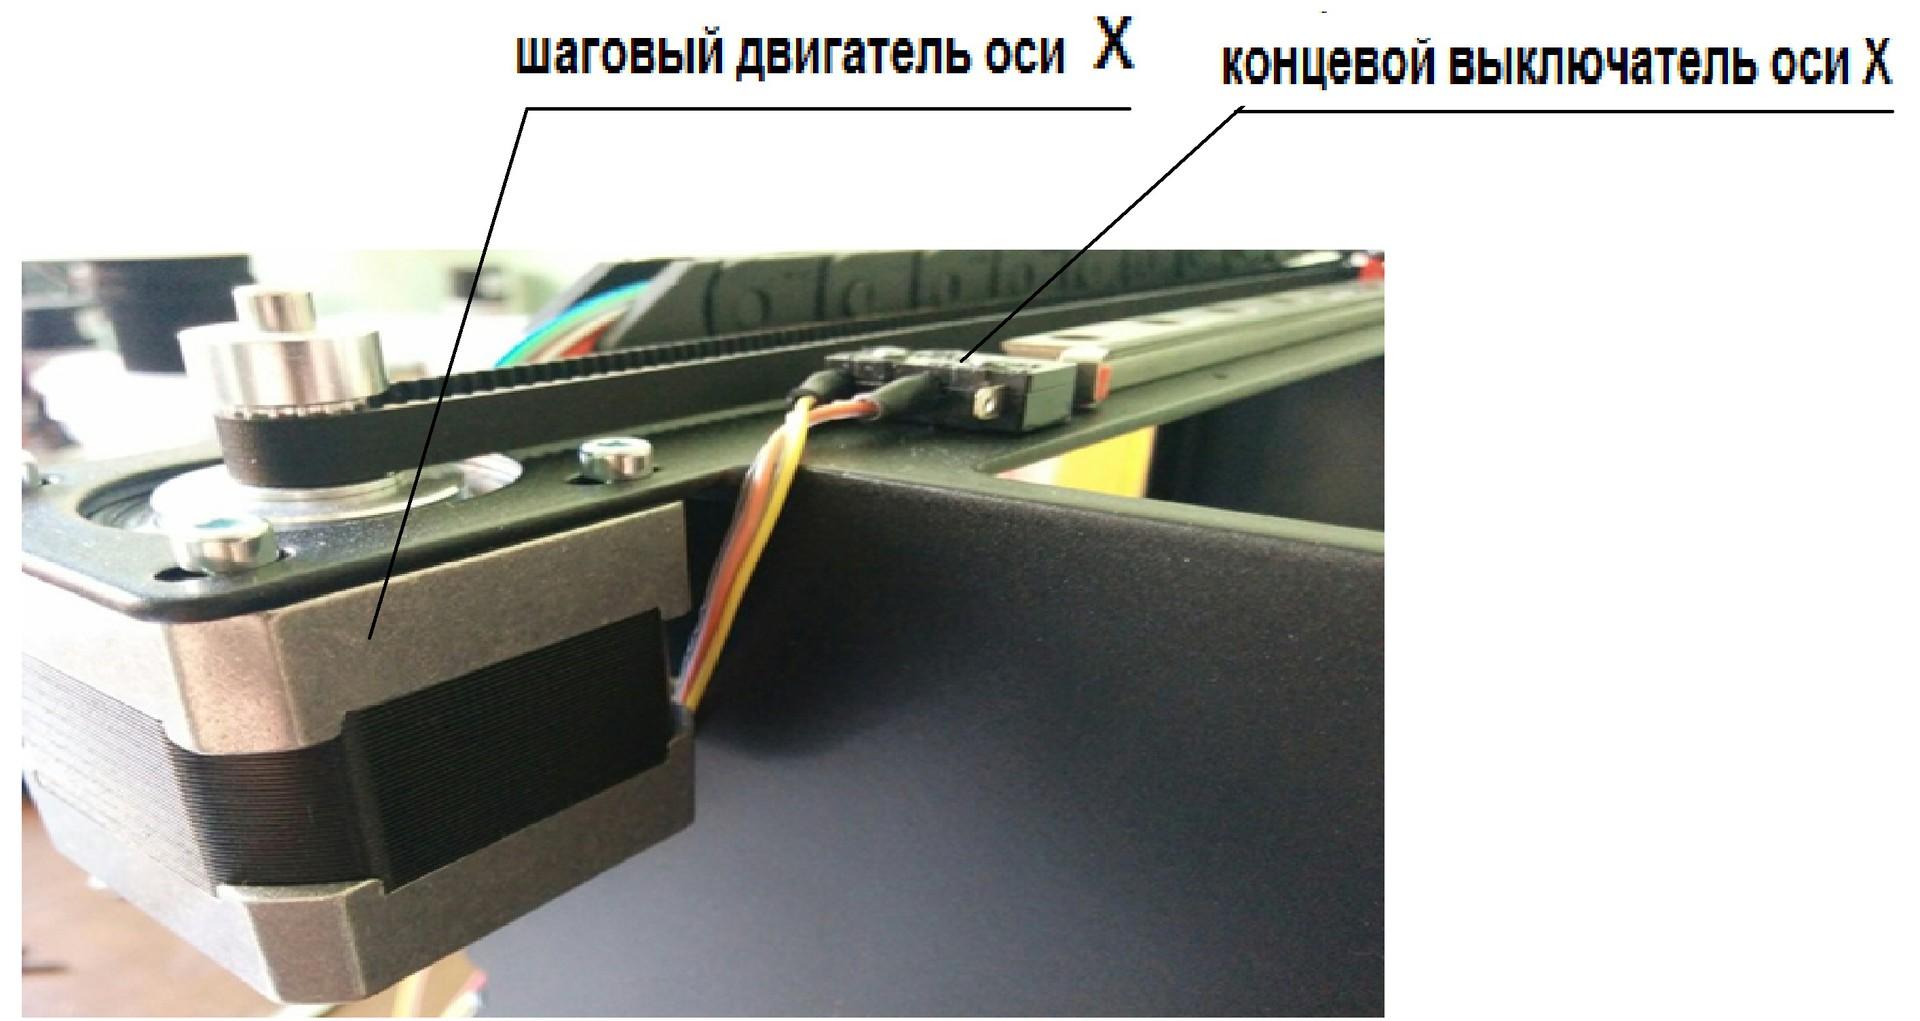 Инструкция по сборке 3D принтера Prism Uni(часть 2-электрика) - 14